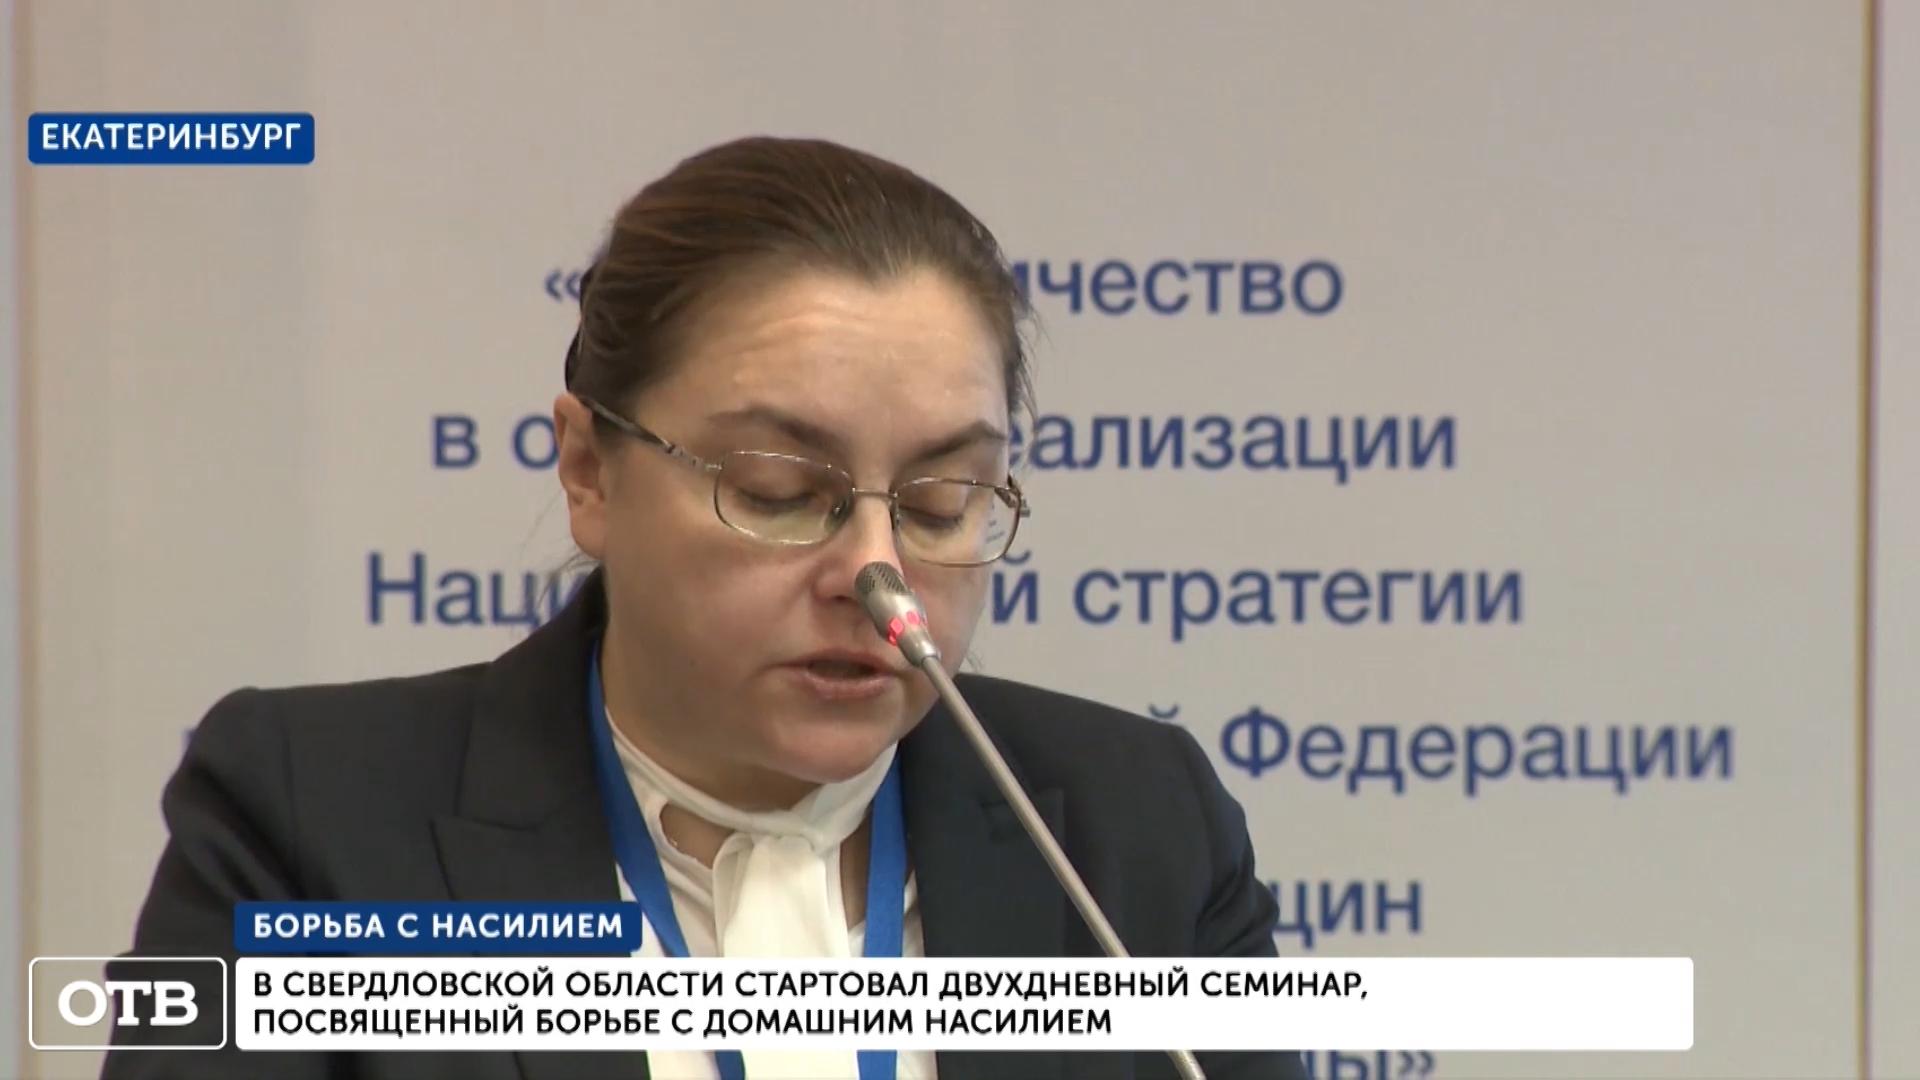 20200218_20-02-В Екатеринбурге стартовал двухдневный семинар по борьбе с домашним насилием-pic15